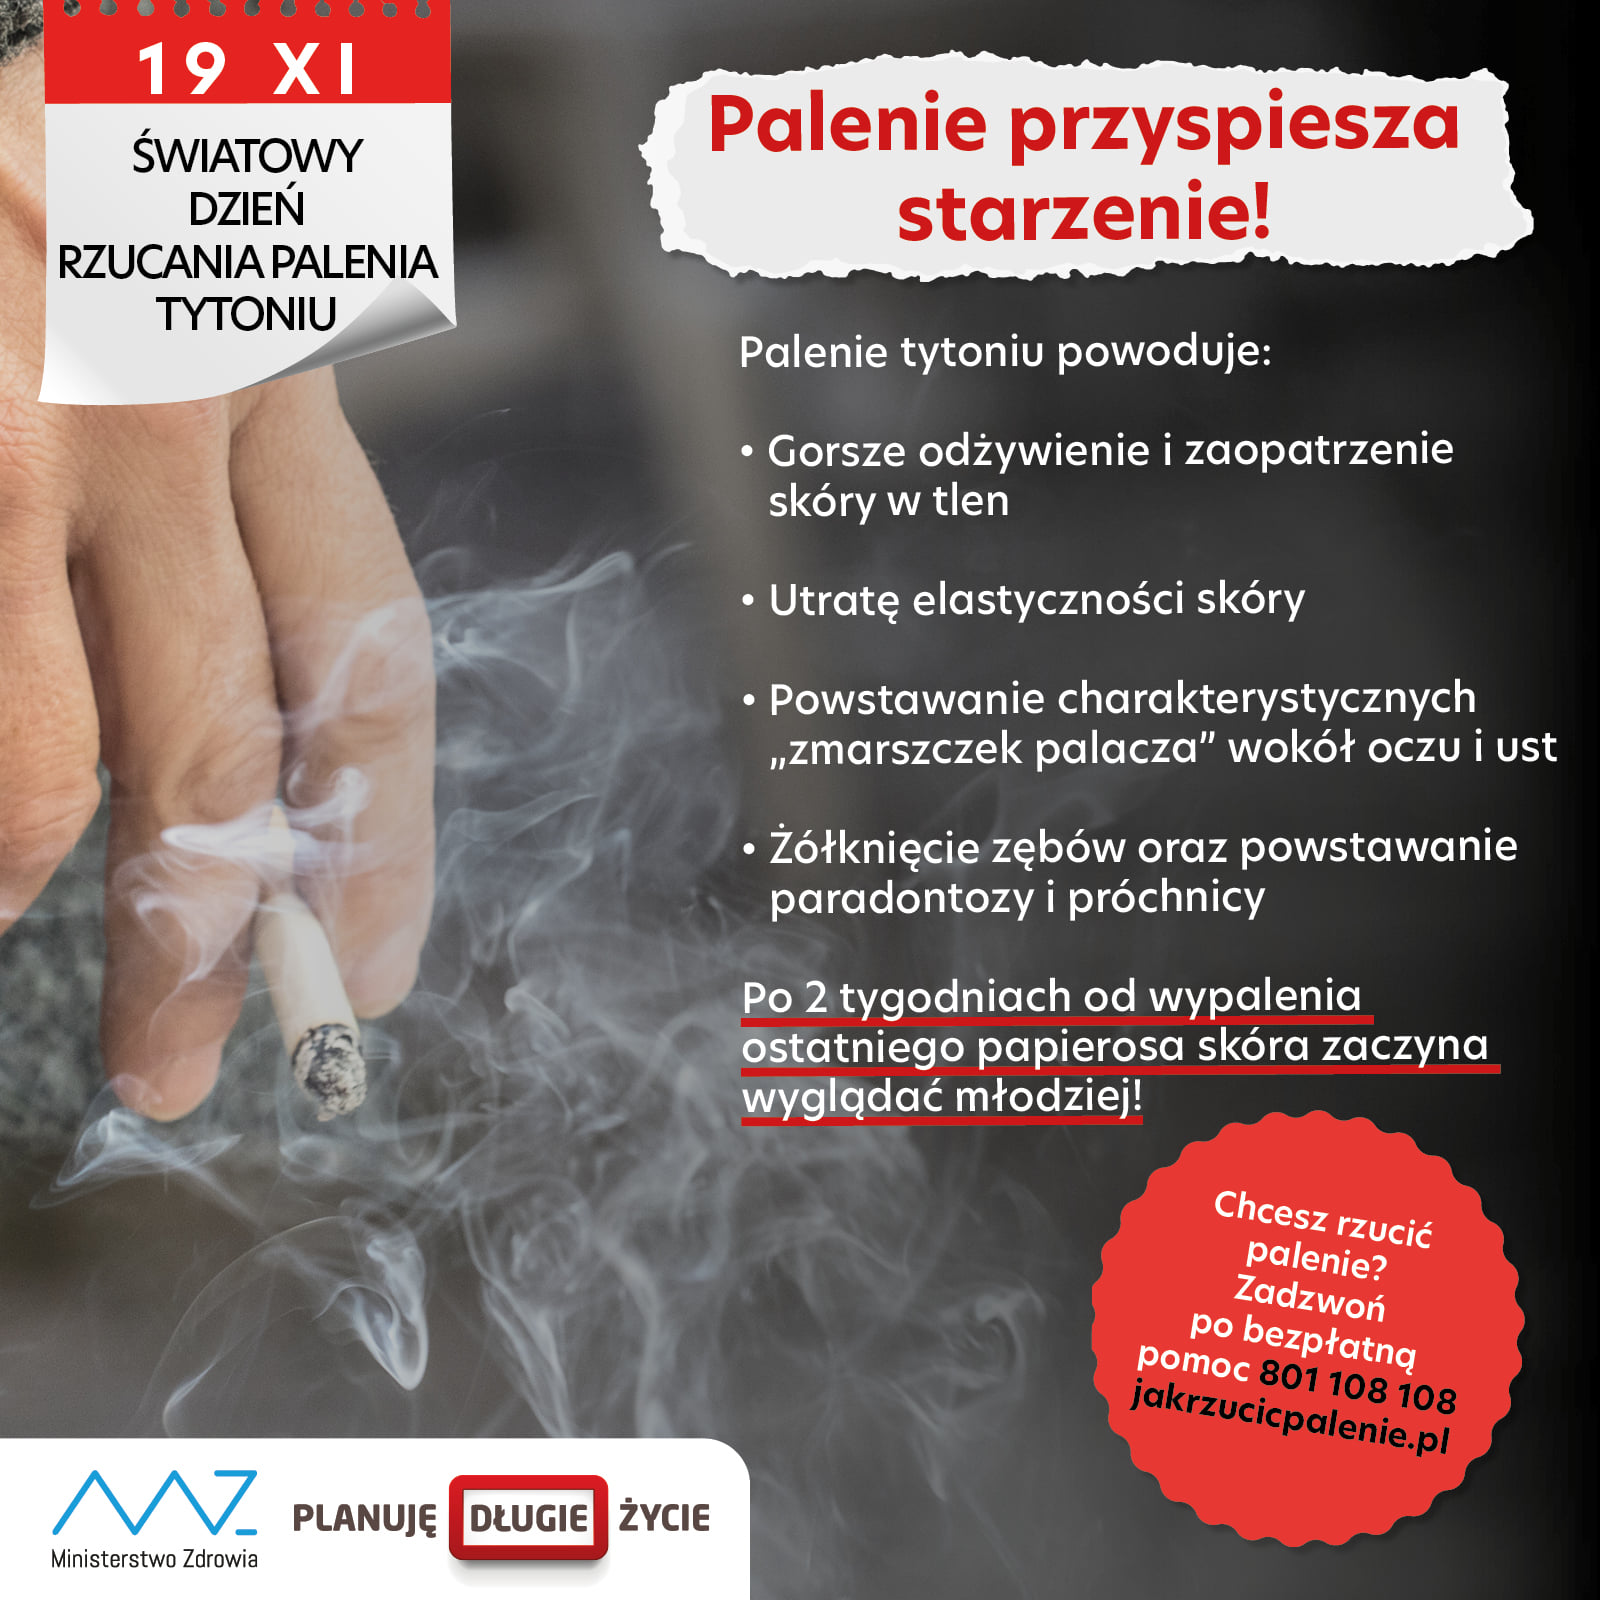 palenie Rzuć palenie dzisiaj w Światowym Dniu Rzucania Palenia Tytoniu